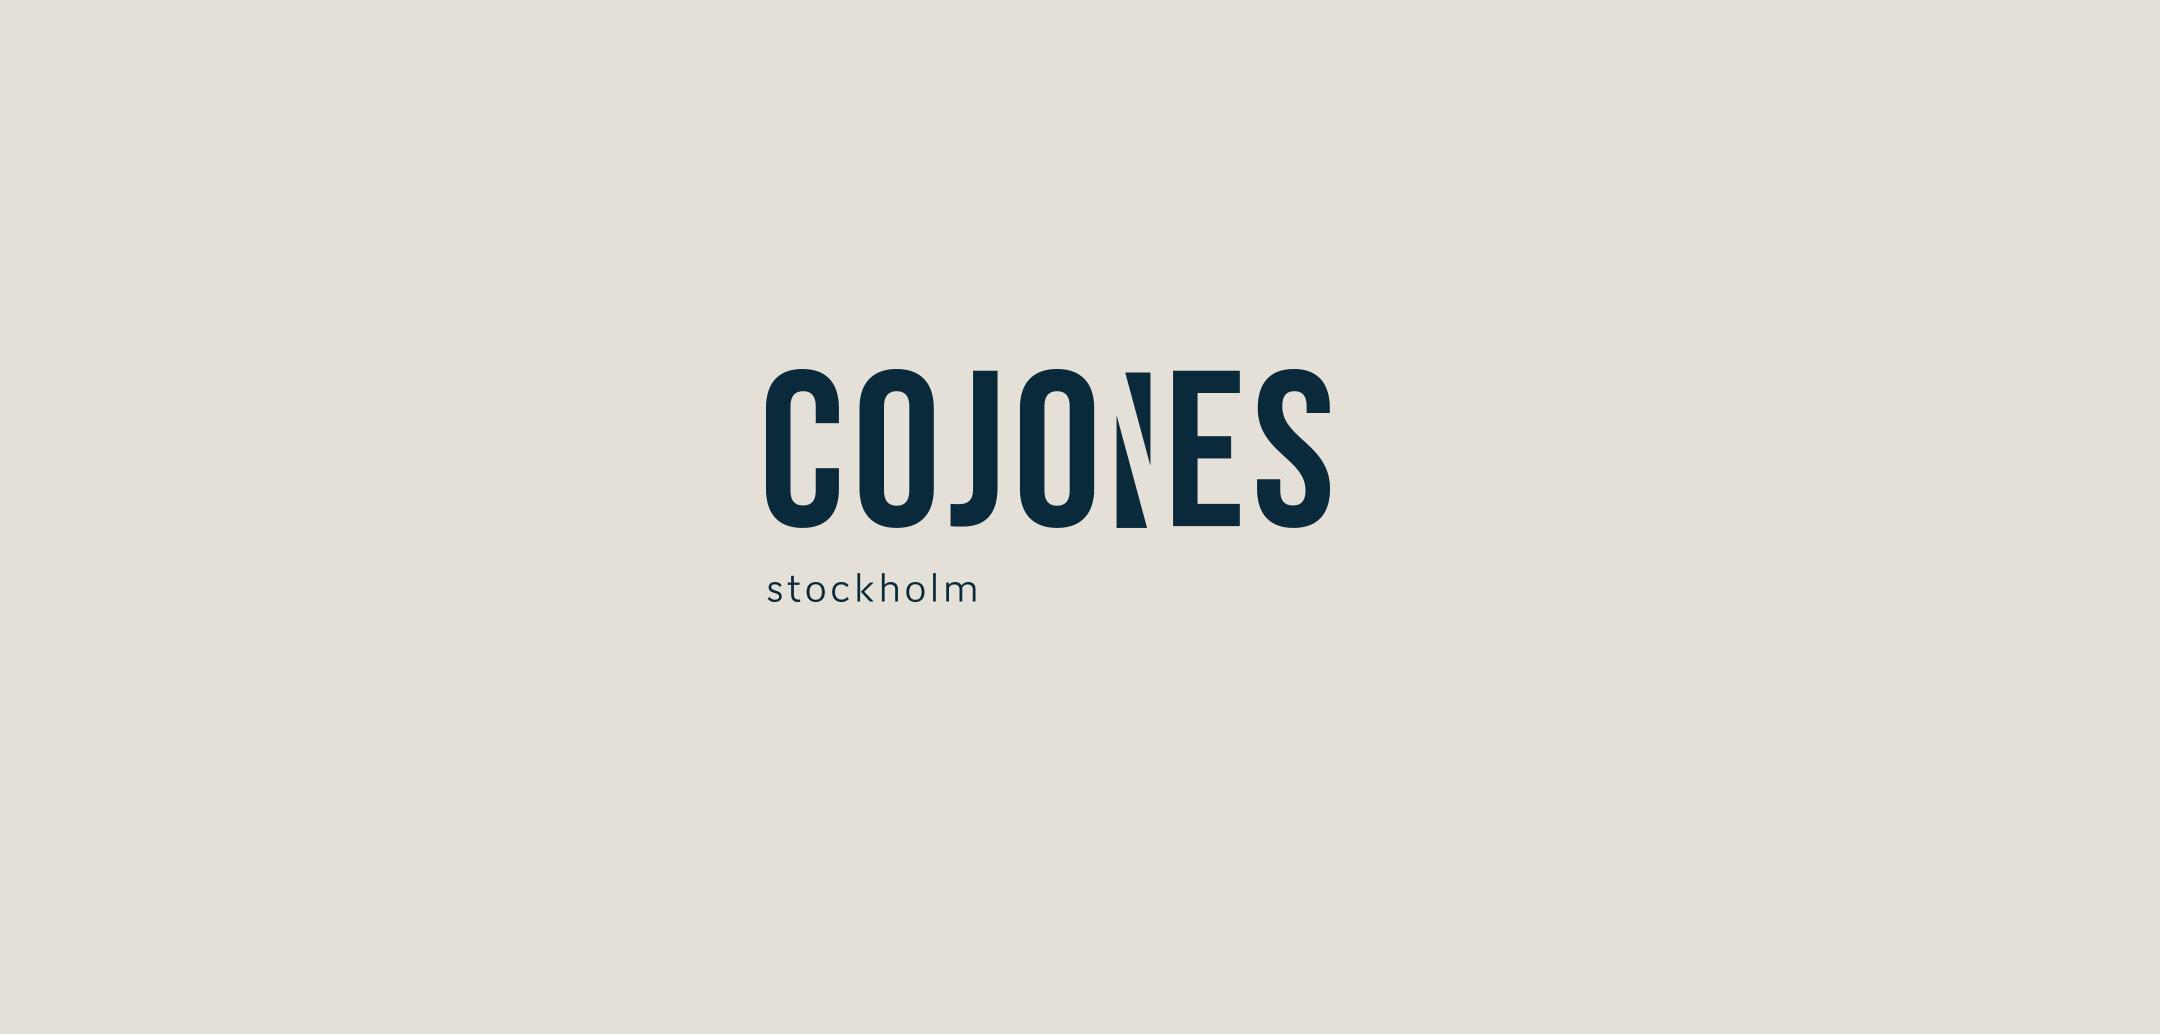 Banner_Logos_Cojones.jpg